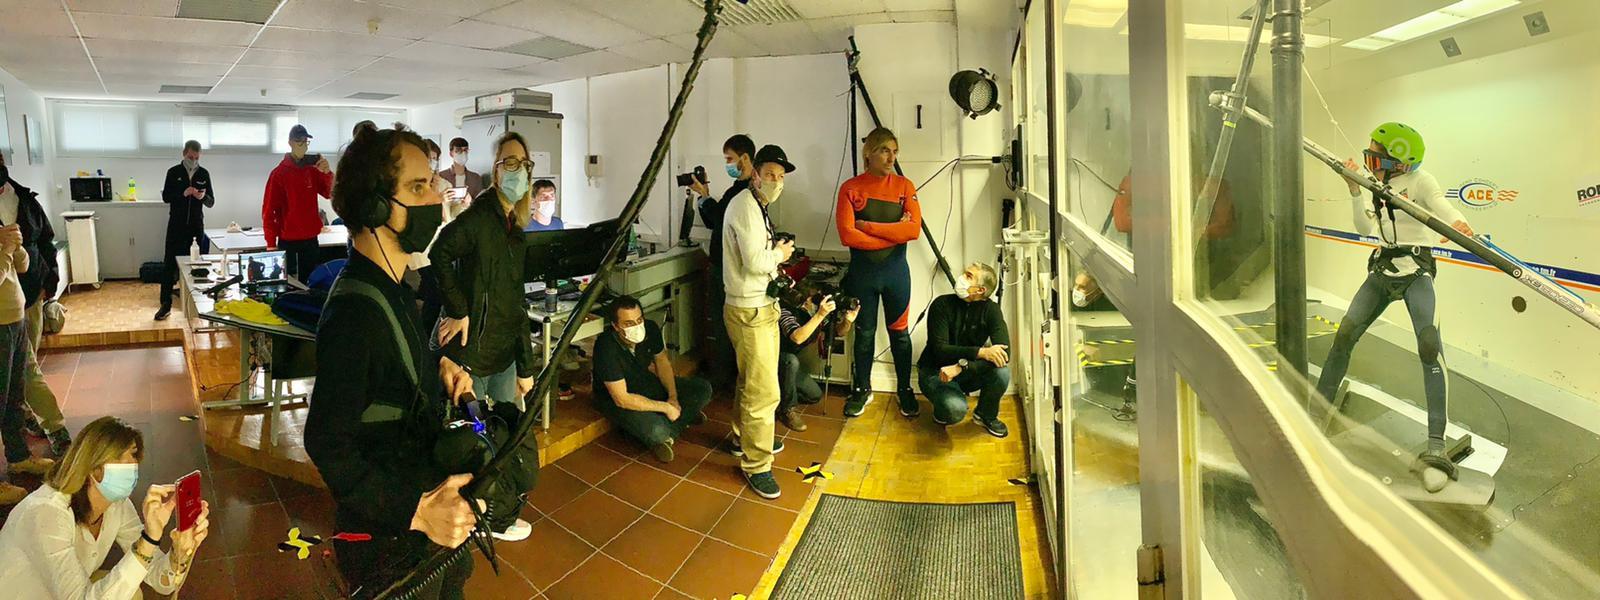 Essais en soufflerie de Magny-Cours de Pierre Schmitz sous les yeux d'Antoine, Marc, des techniciens et journalistes